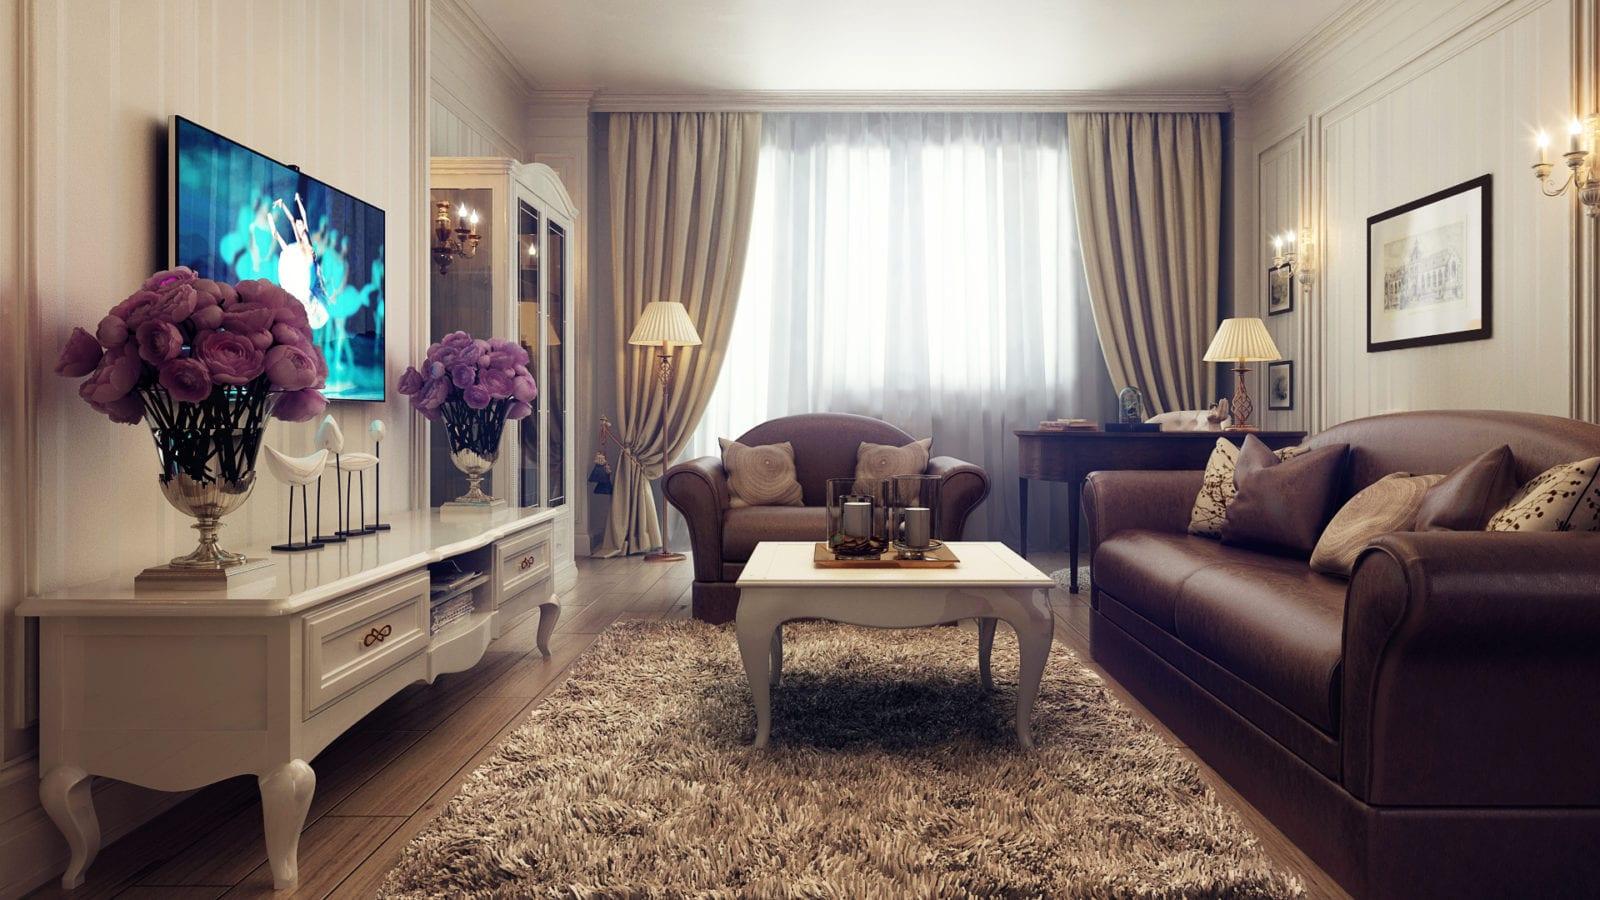 Гостиная в бежевых тонах уютный интерьера зала, 10 фото идей дизайна